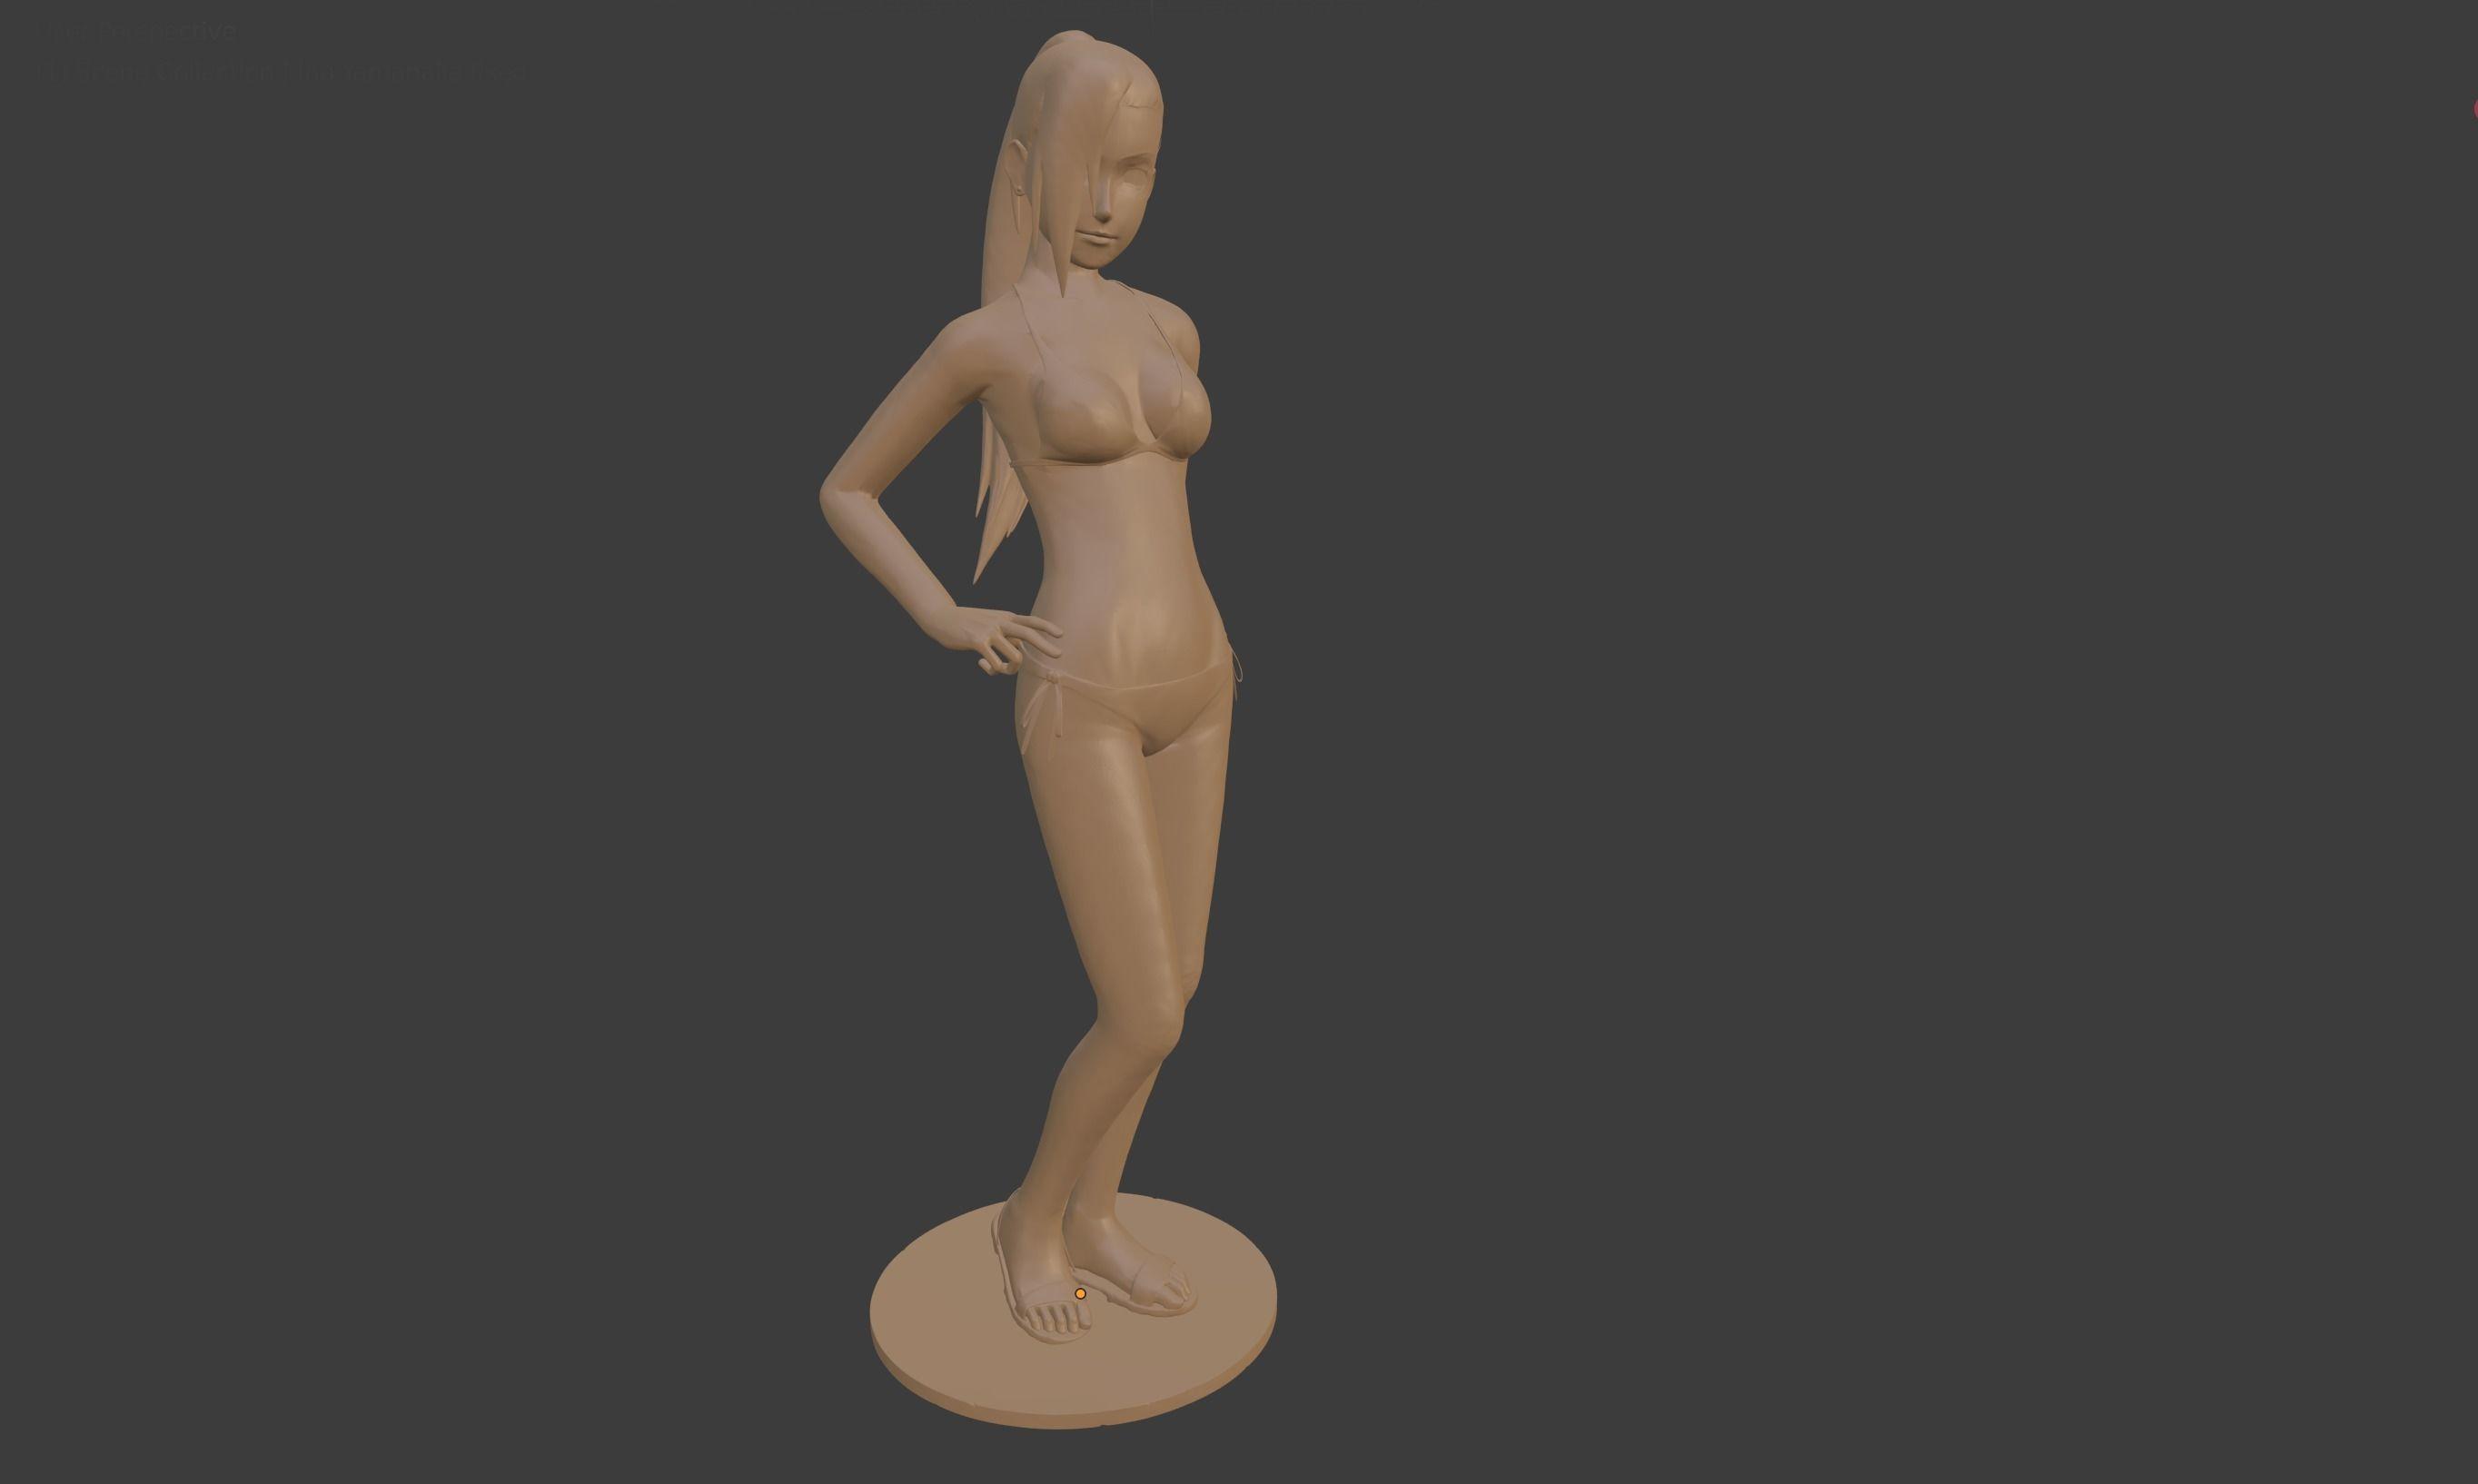 Ino yamanaka bikini